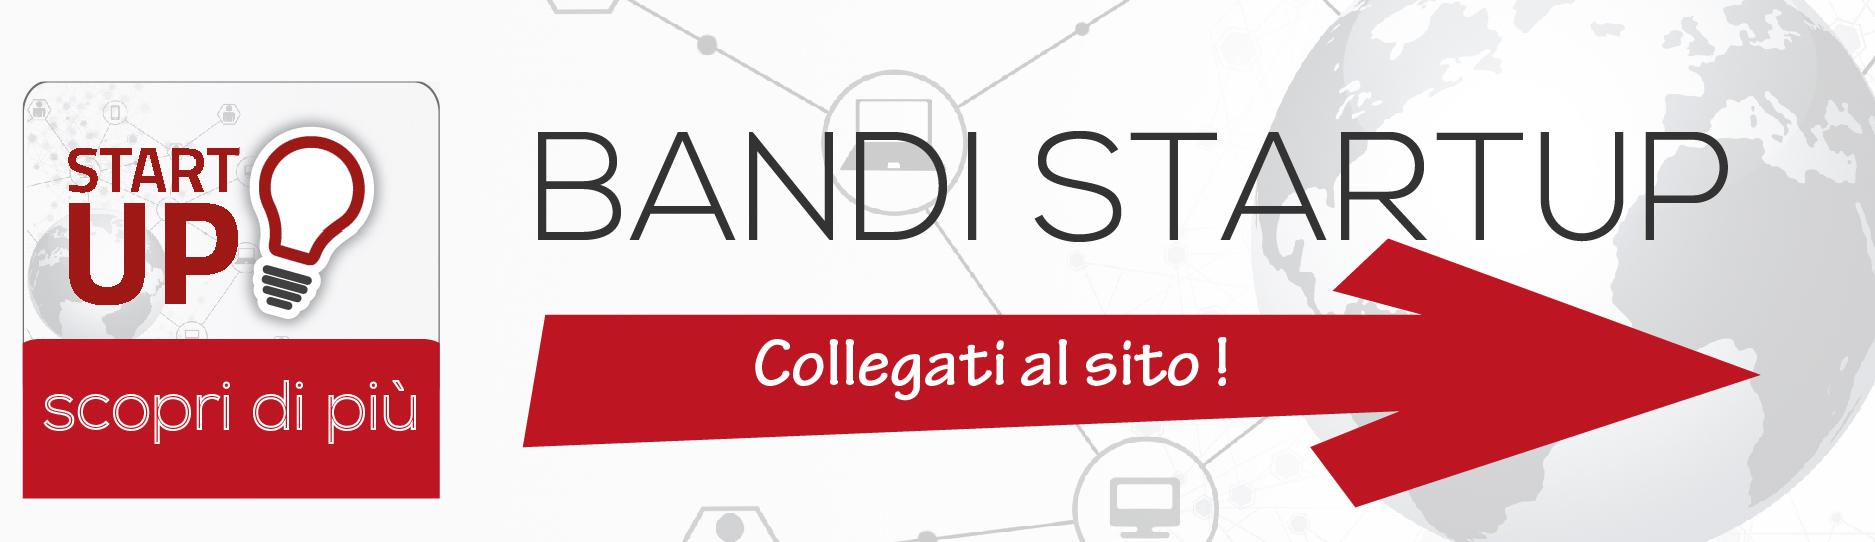 collegati sito startup Tavola disegno 1